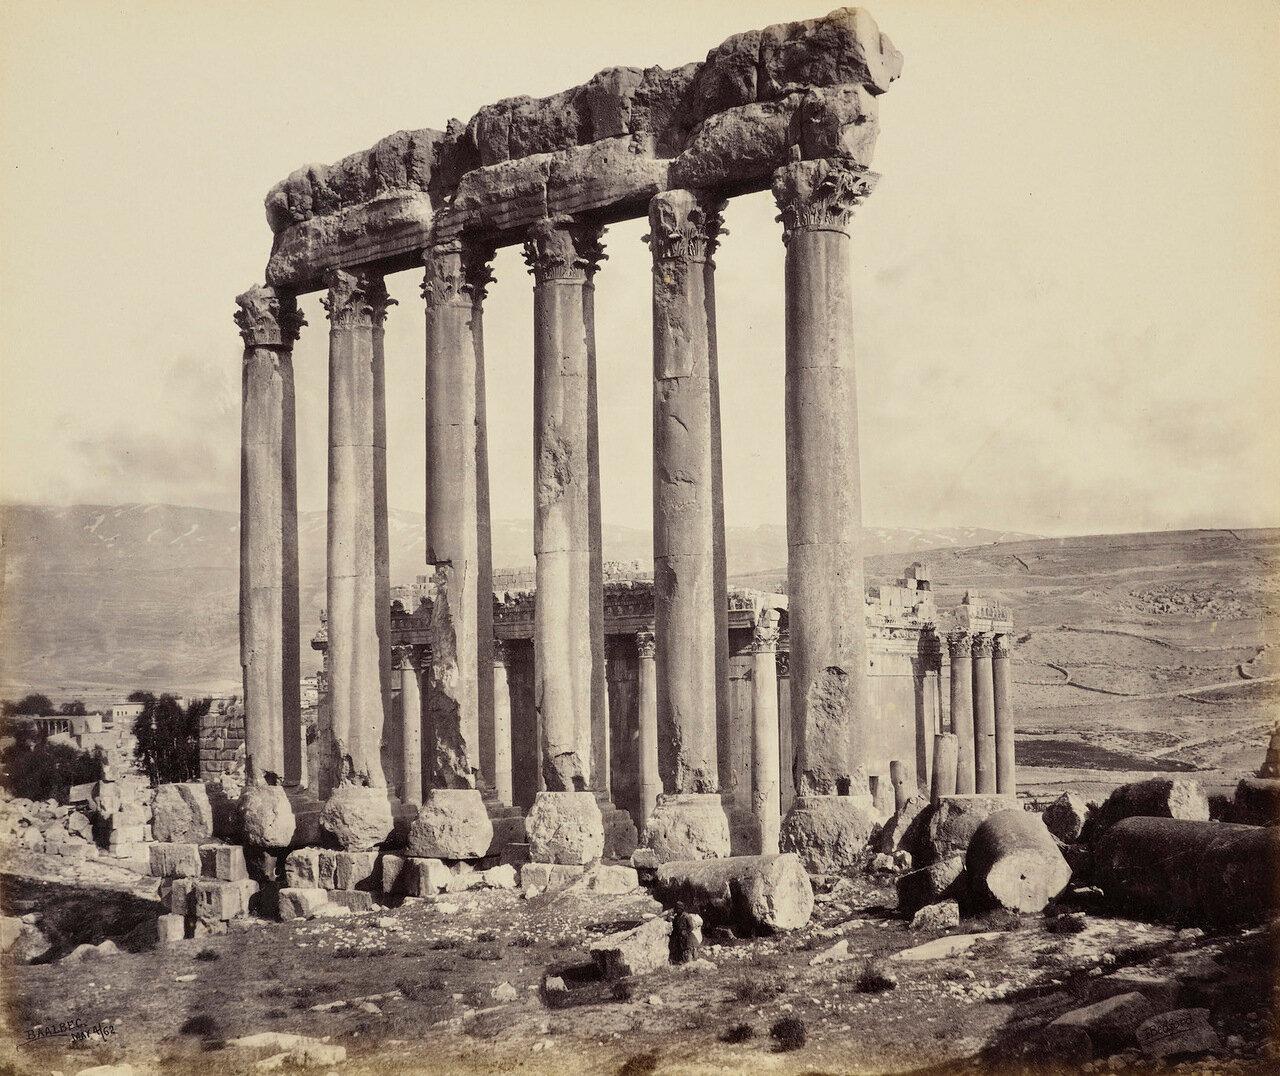 4 мая 1862. Храм Солнца и Храм Юпитера.Баальбек